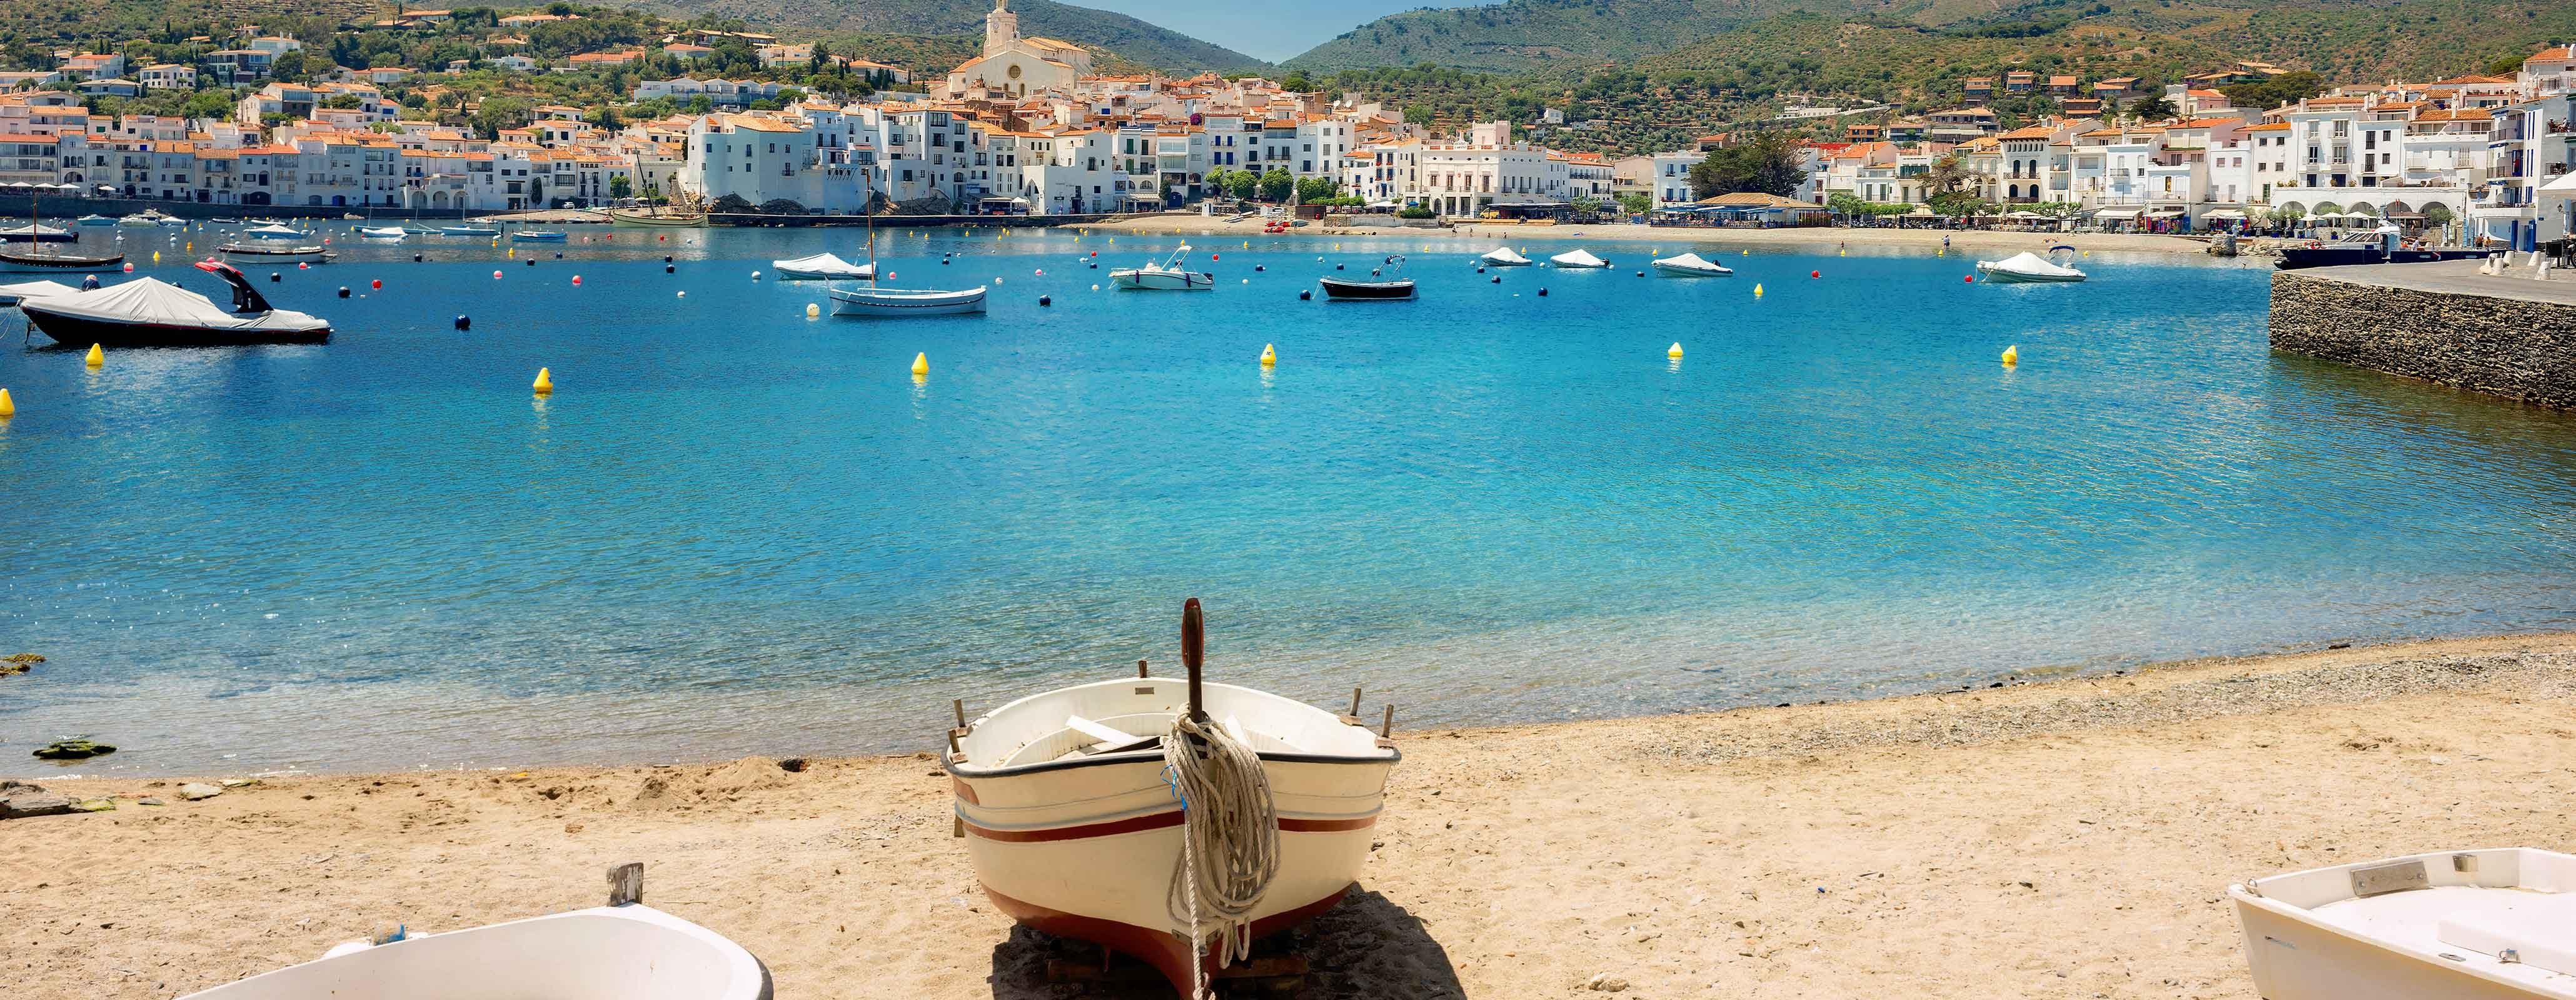 strand met bootjes in nabijgelegen water